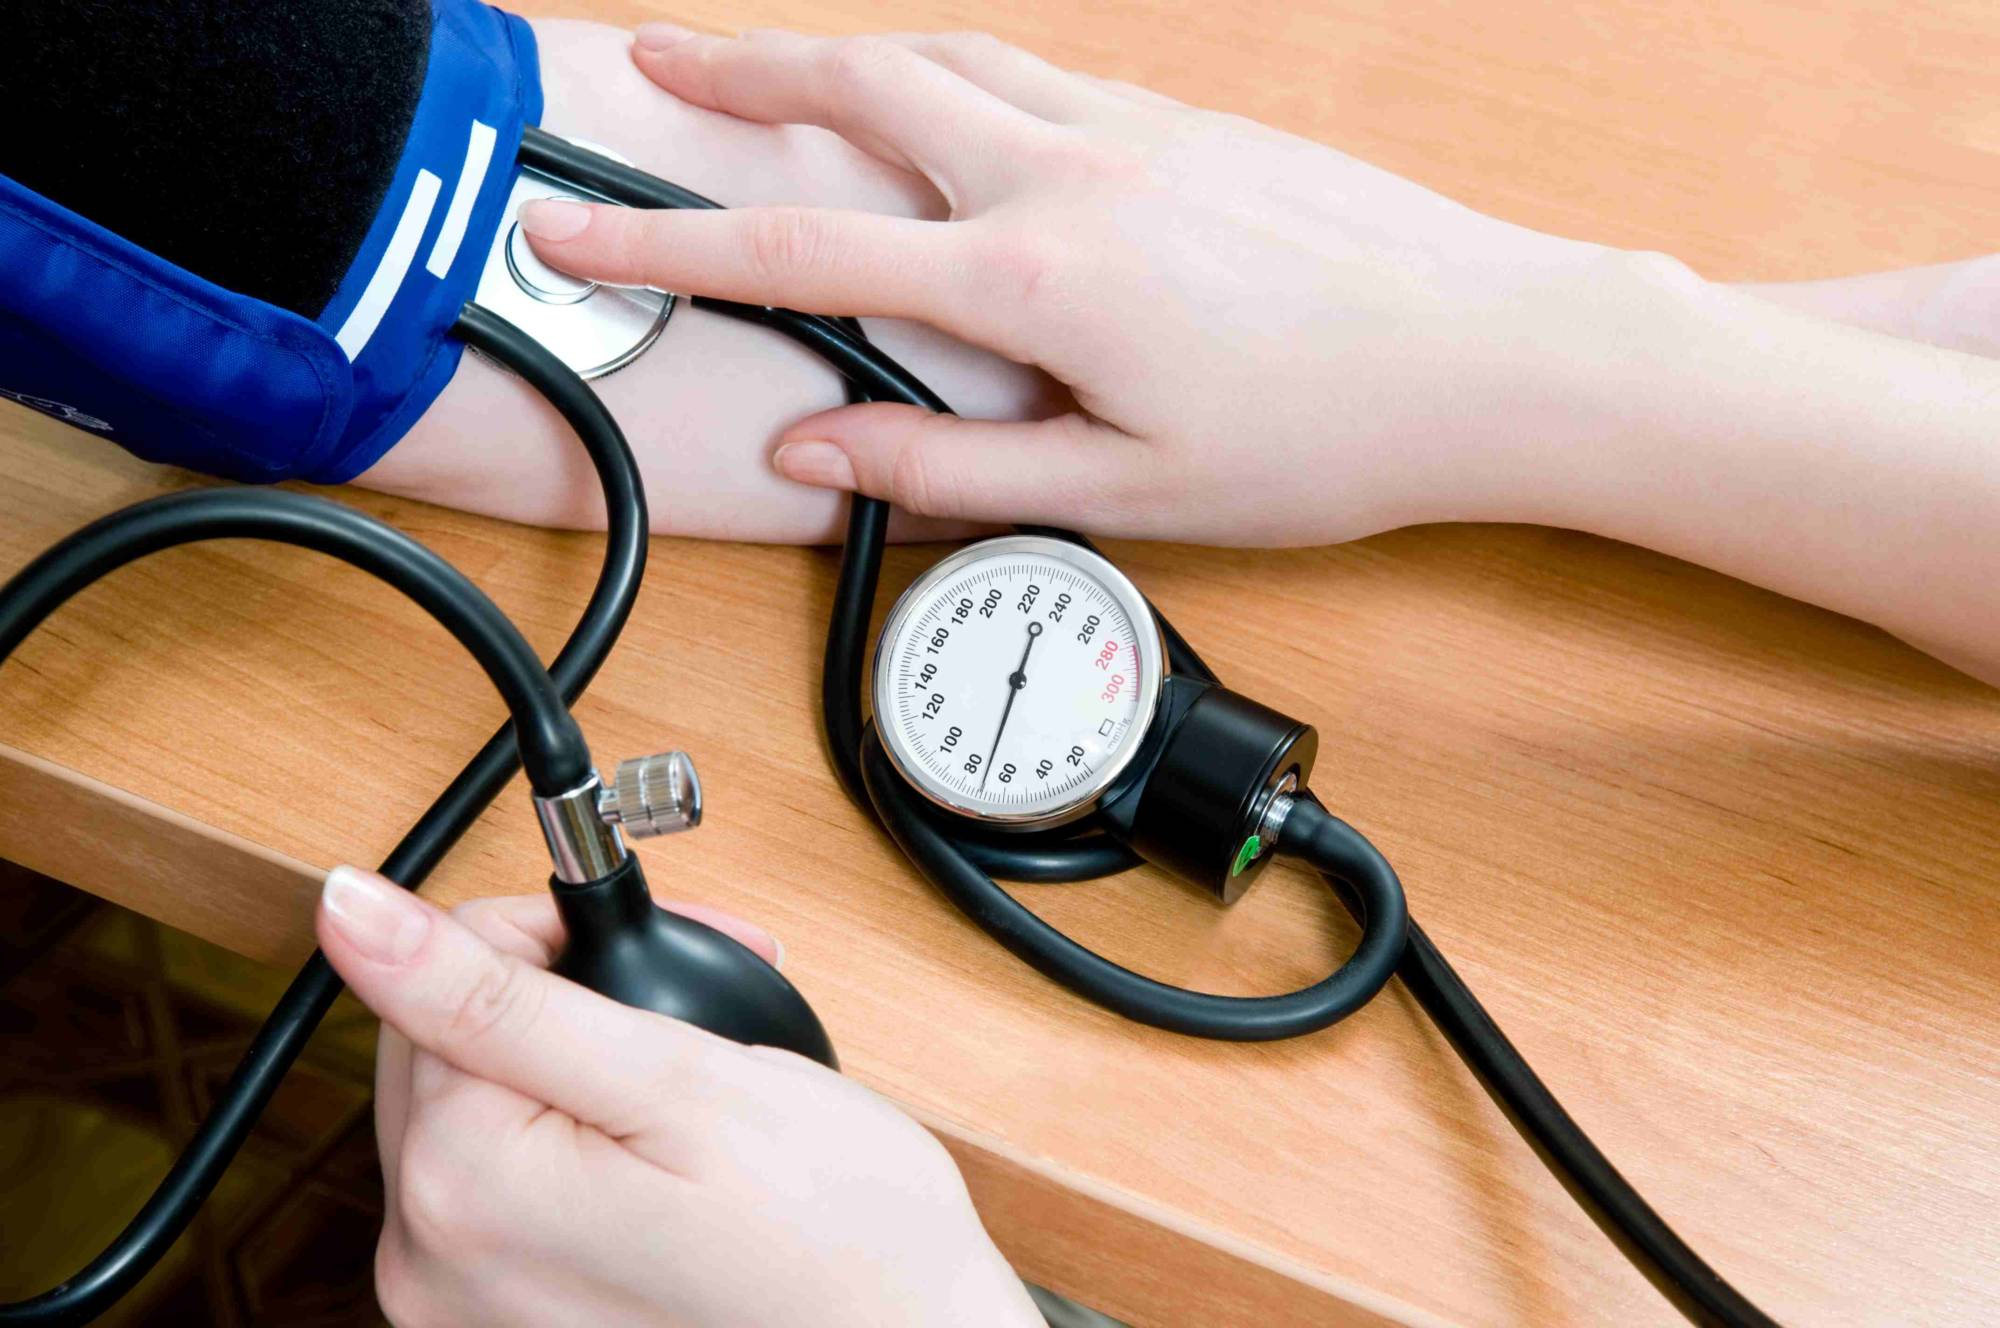 Гипертония - как снизить артериальное давление? Симптомы и ...